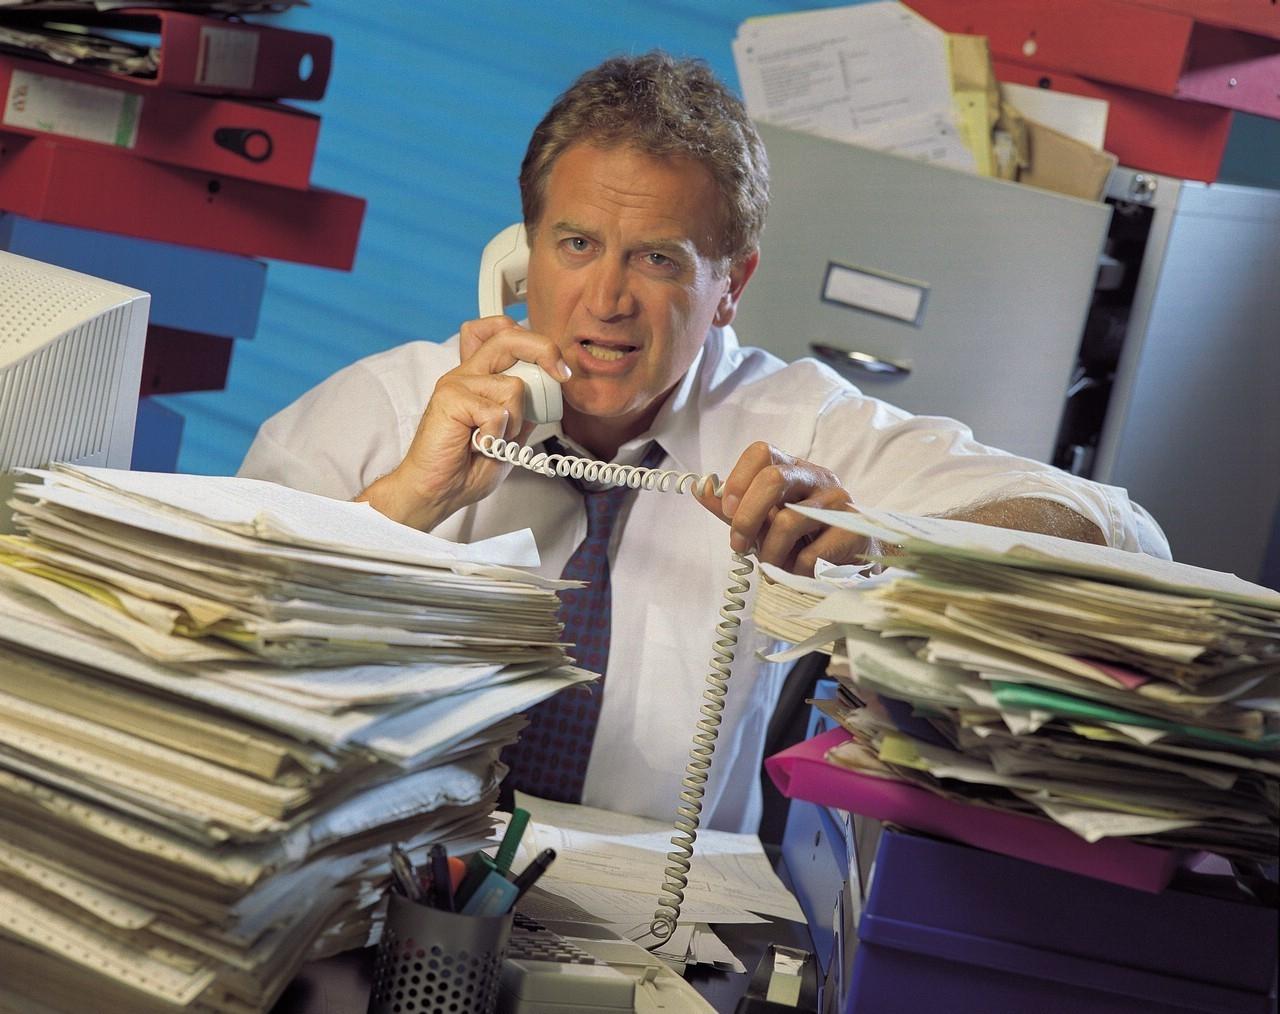 Самодовольный трудоголик, или механизм долгожительства